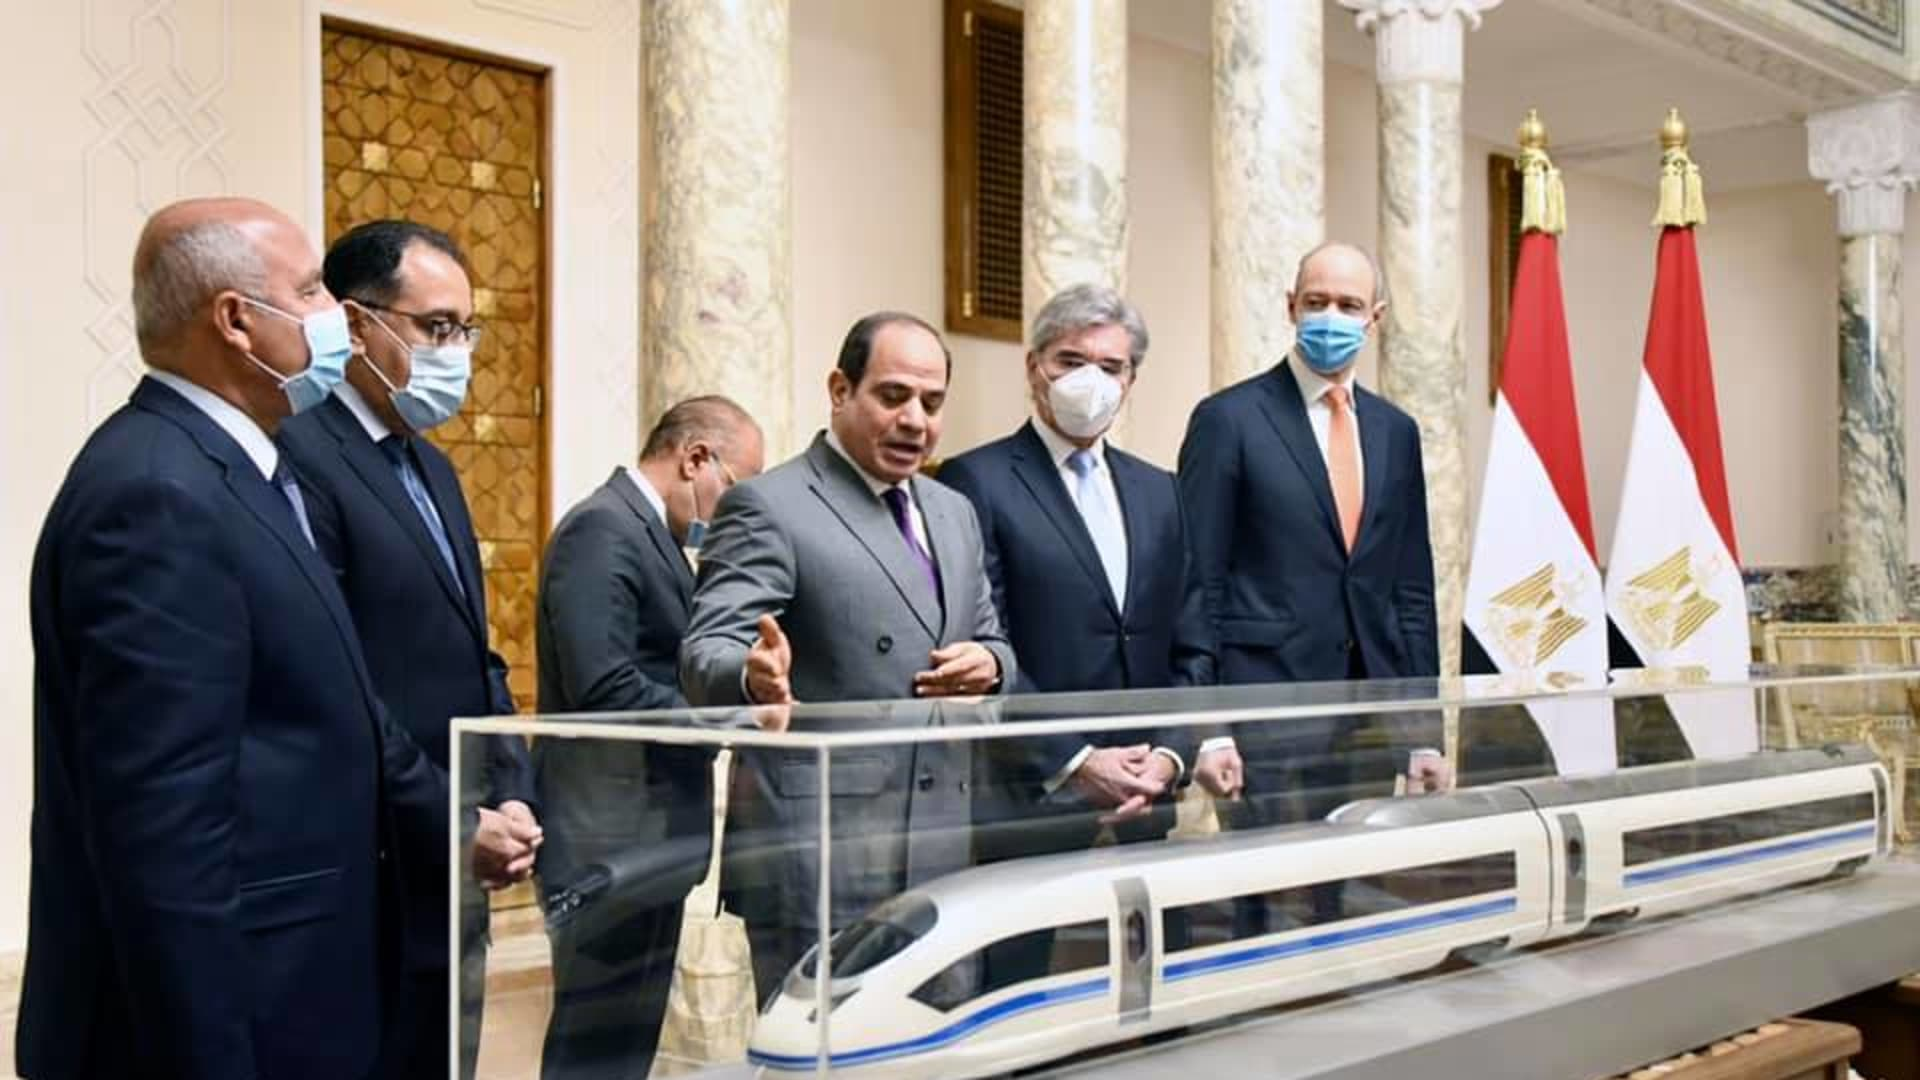 مصر: مشروع قطار كهربائي سريع بطول 1000 كيلومتر وتكلفة قدرها 360 مليار جنيه